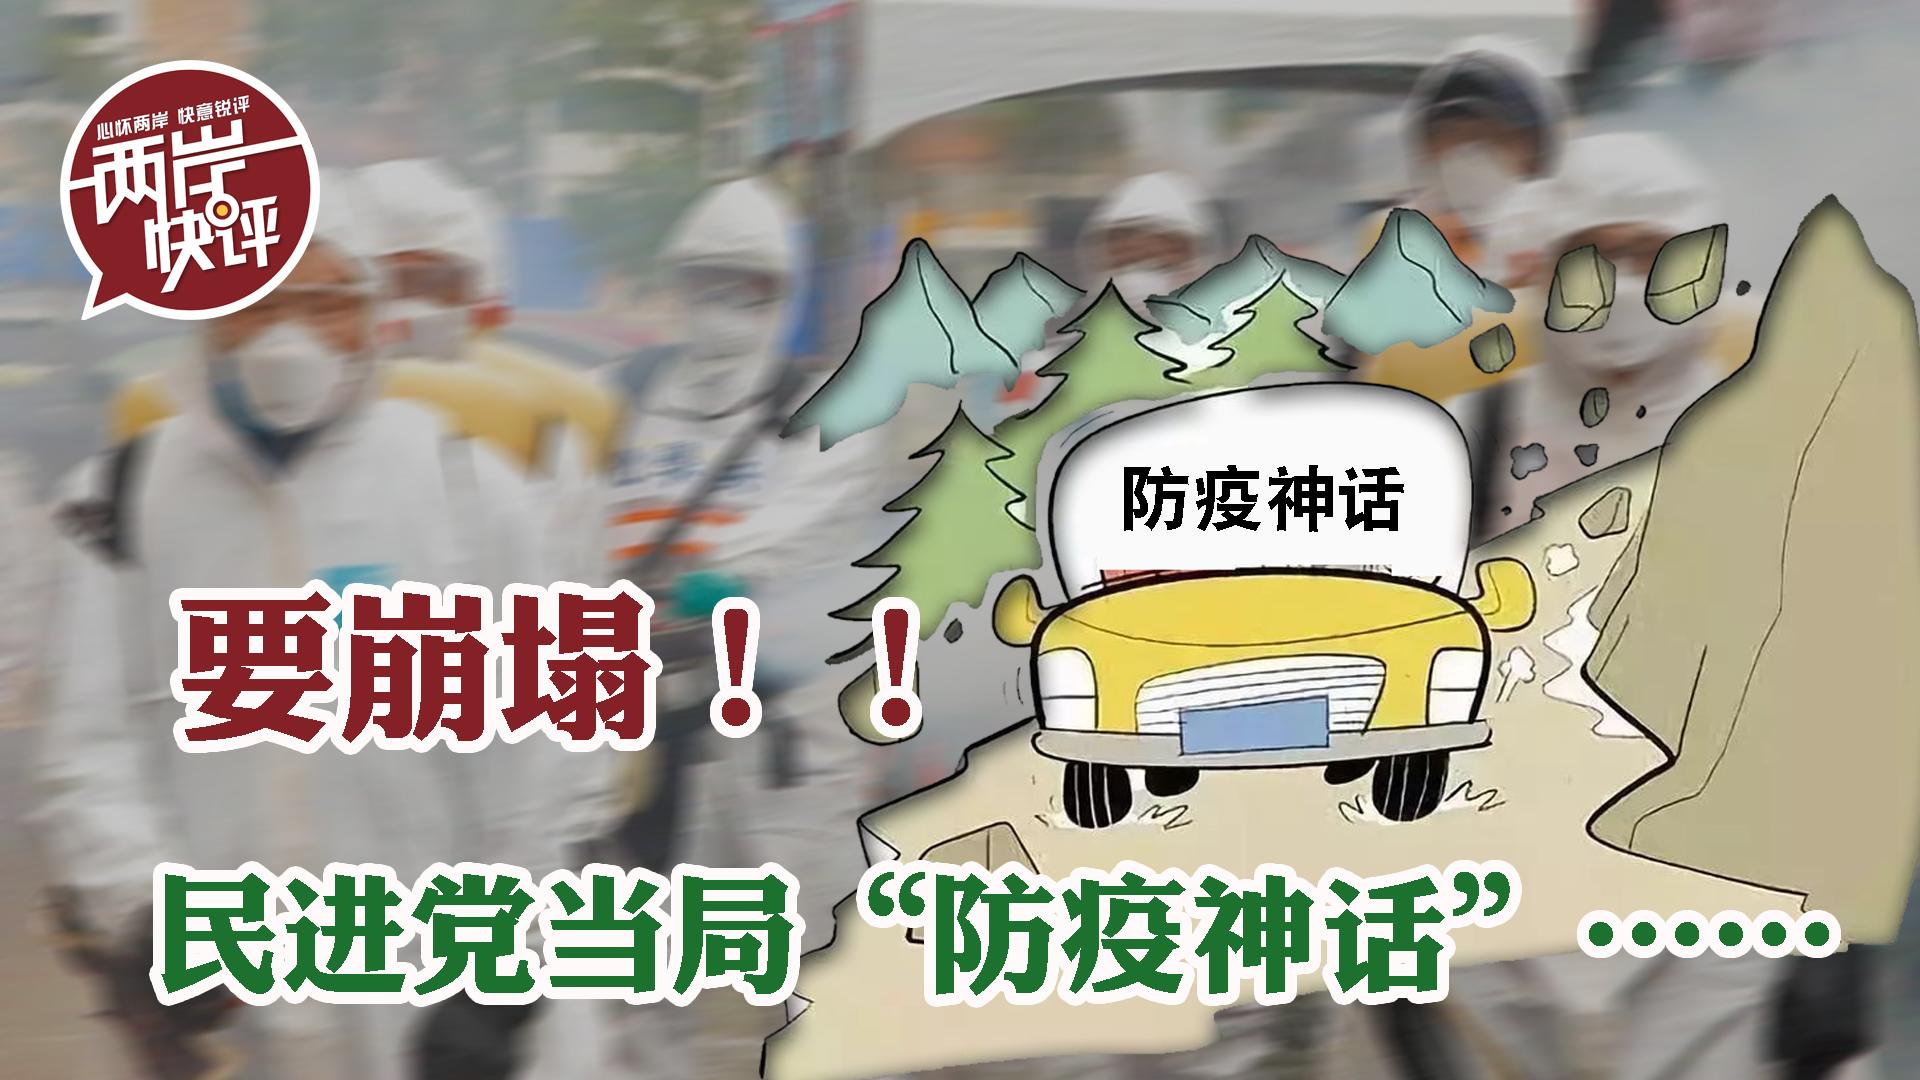 """民進黨當局的""""防疫神話""""?馬上就要見真章了!圖片"""